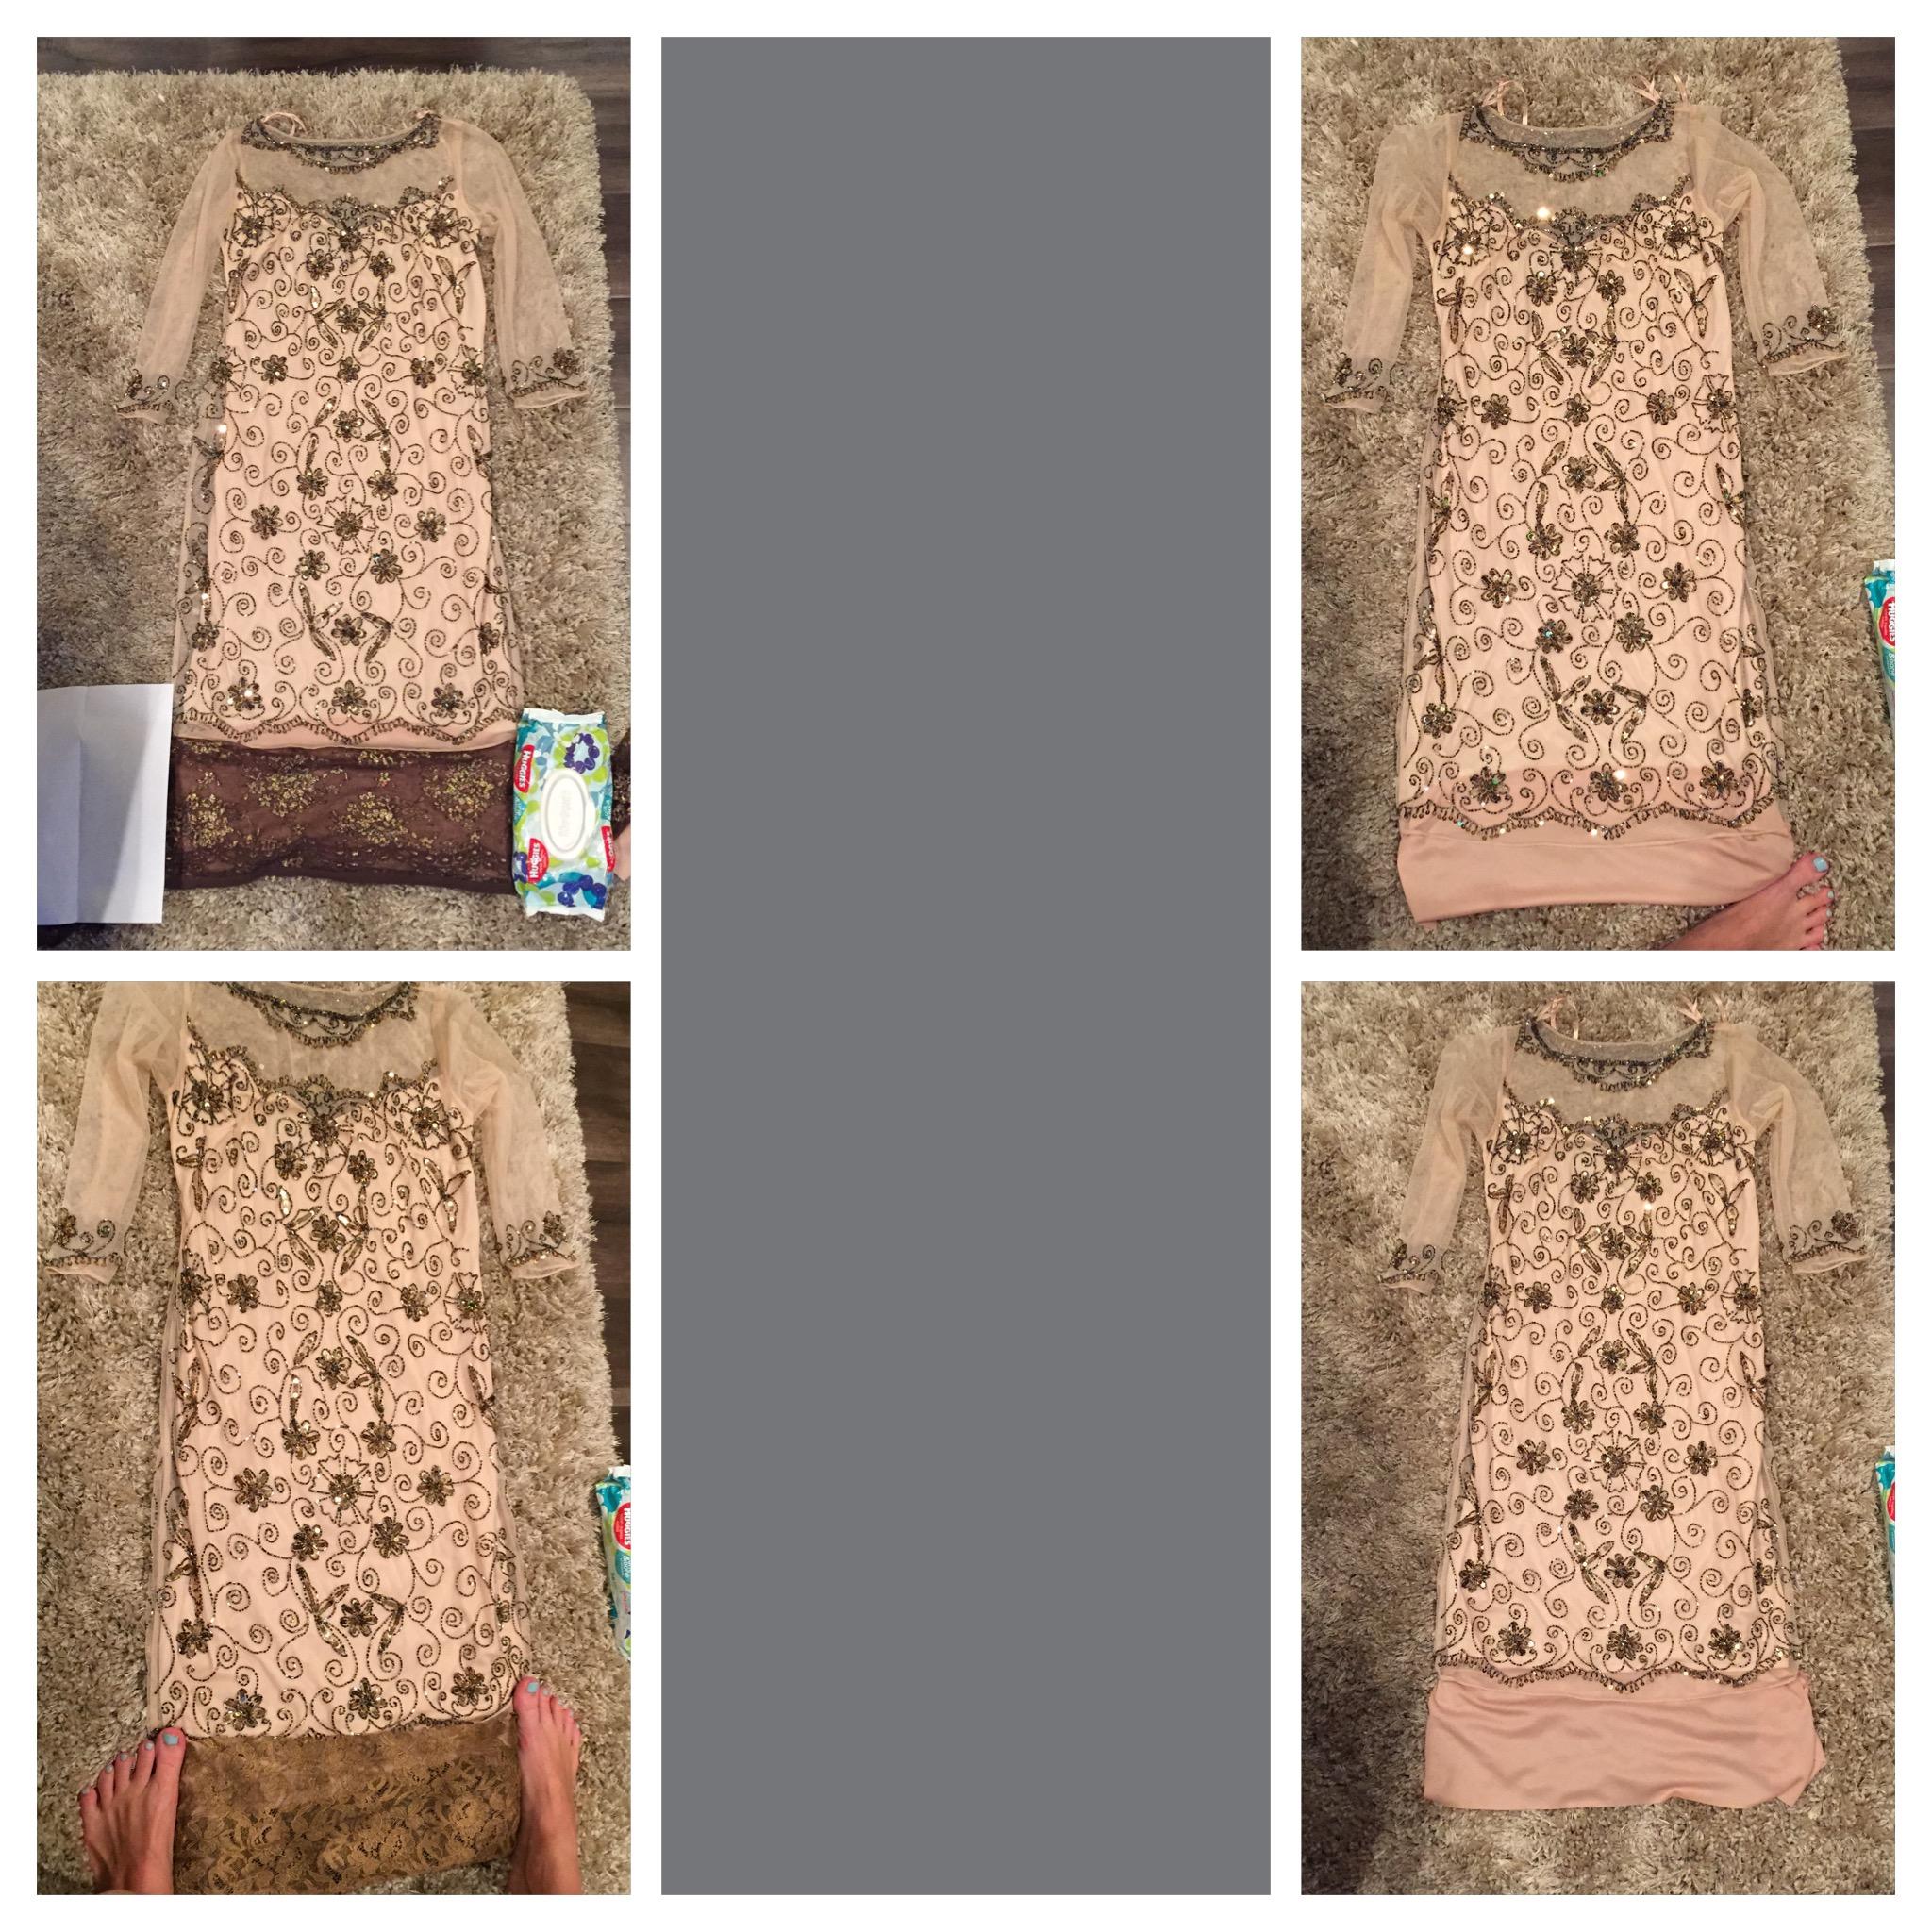 Adding length to a dress